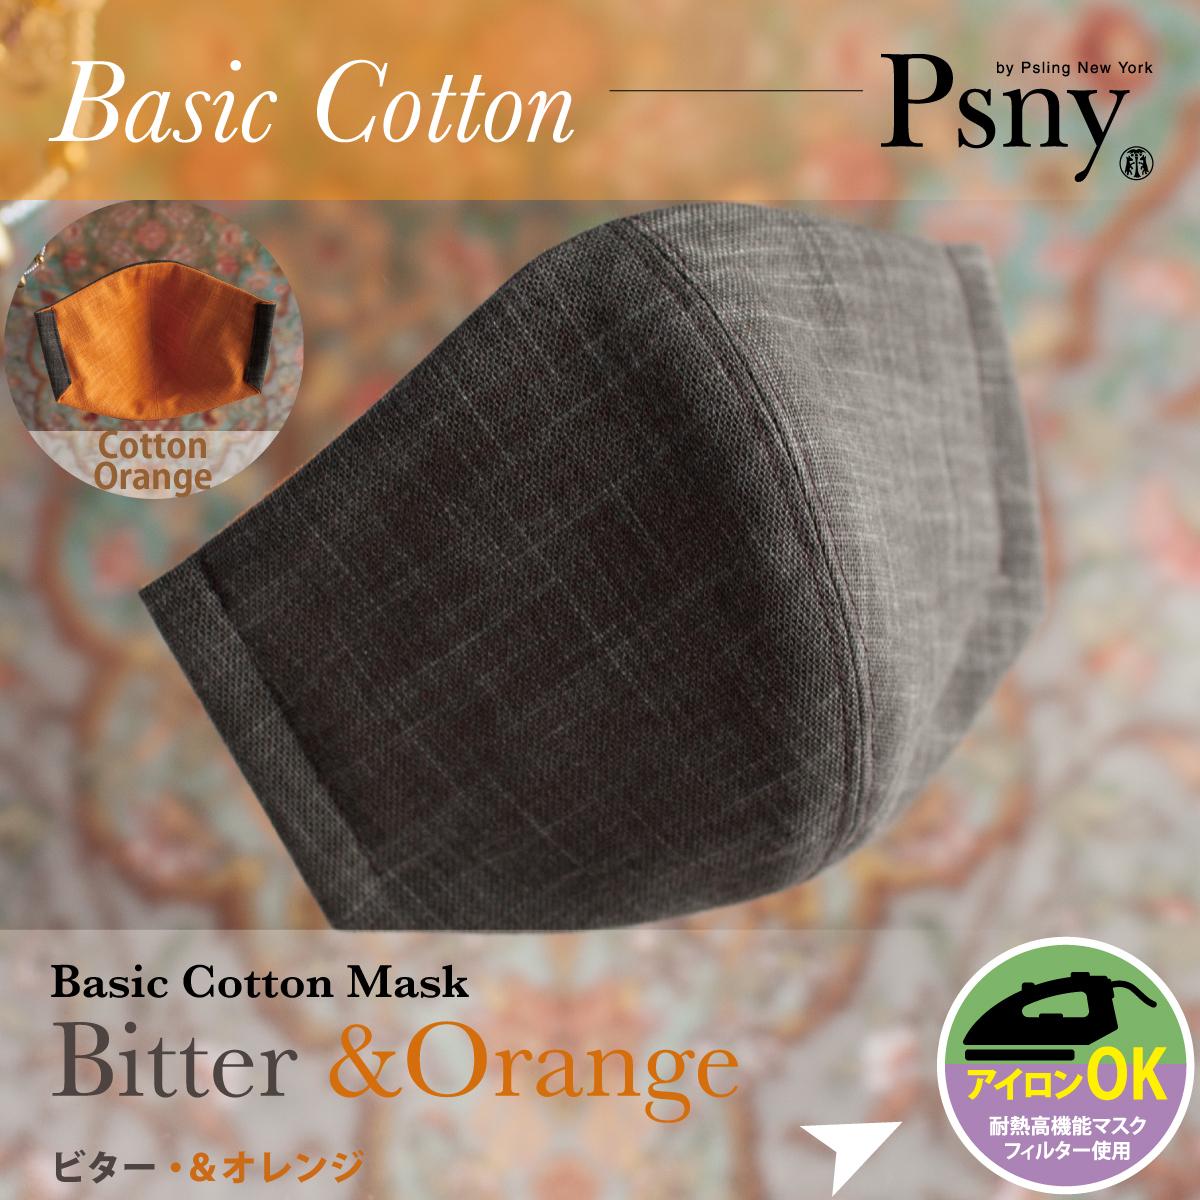 PSNY ベーシック コットン・ビター&オレンジ 花粉 黄砂 洗える不織布フィルター入り 立体 大人用 CC7 マスク 送料無料 CC4